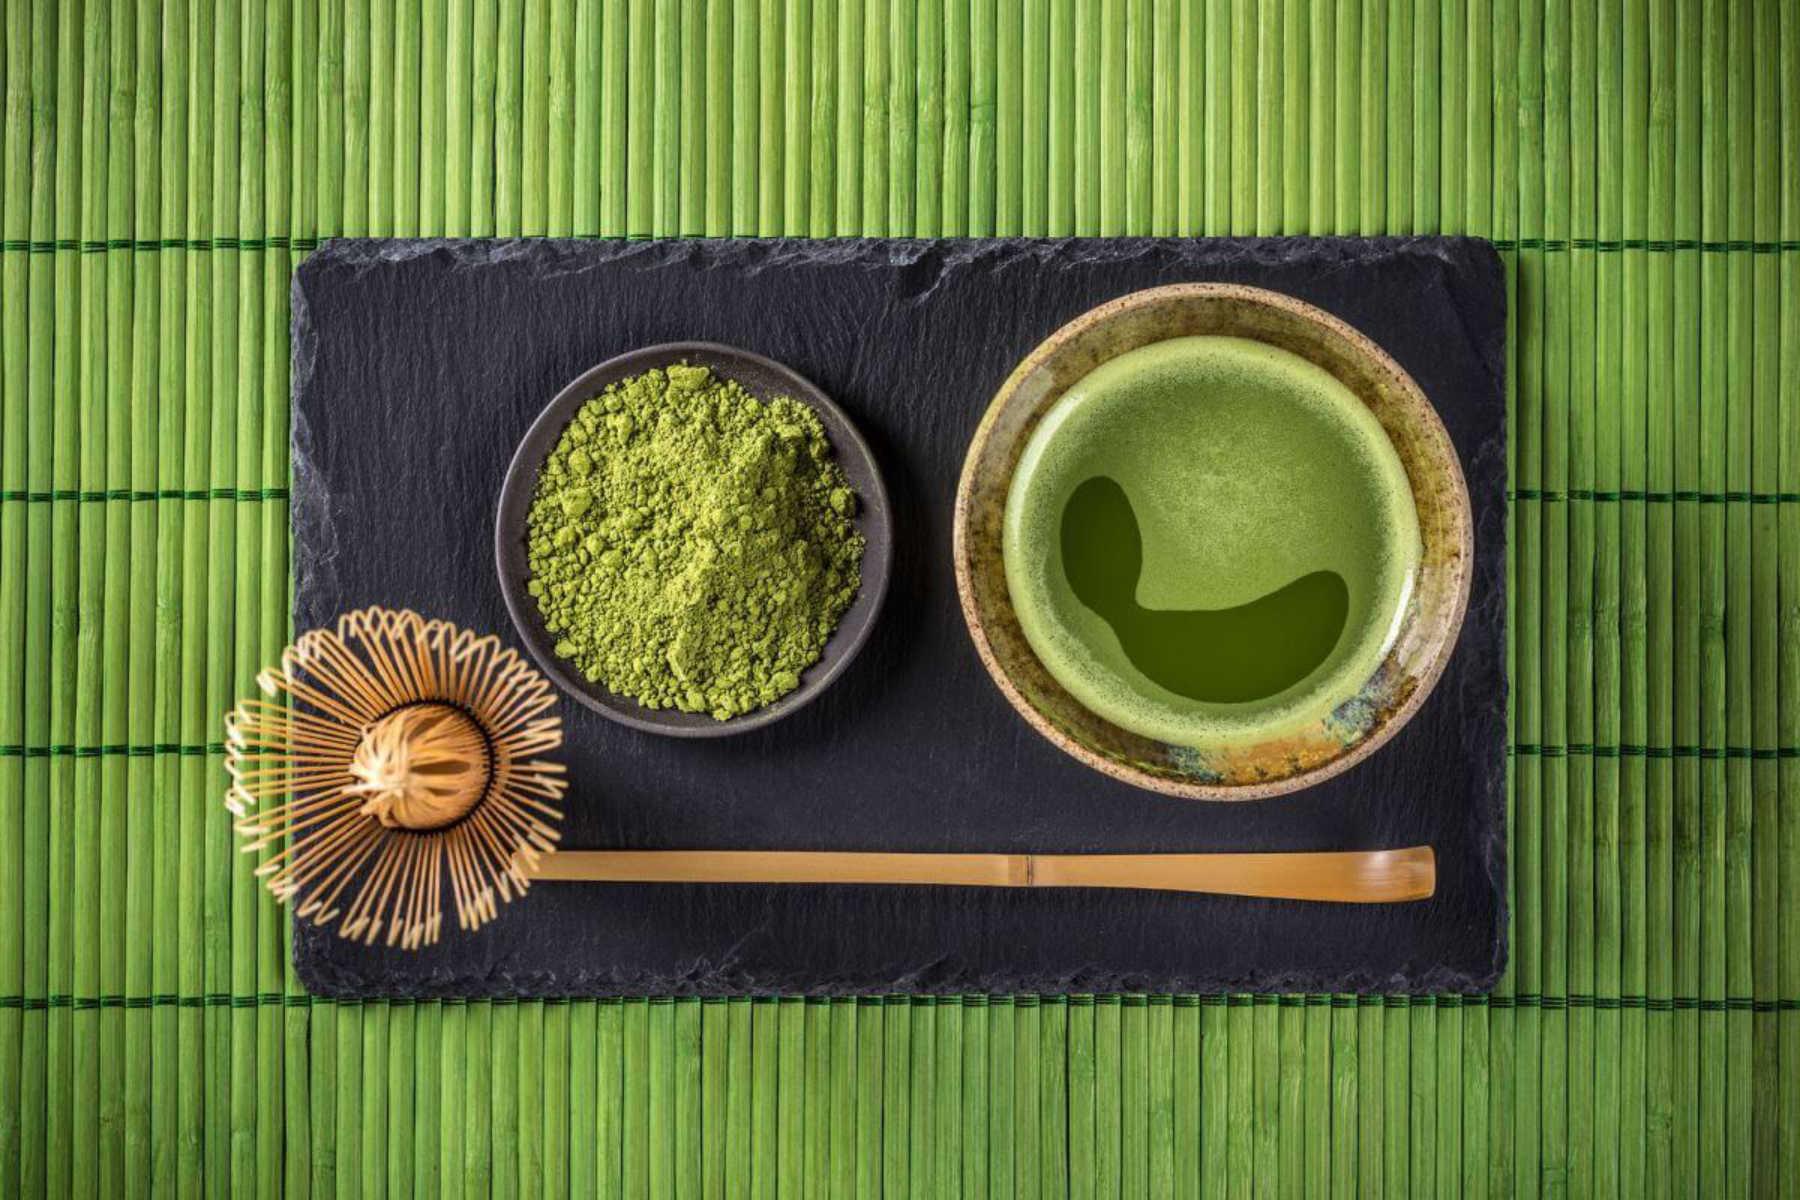 Le thé vert matcha améliore l'oxydation des graisses particulièrement chez les femmes